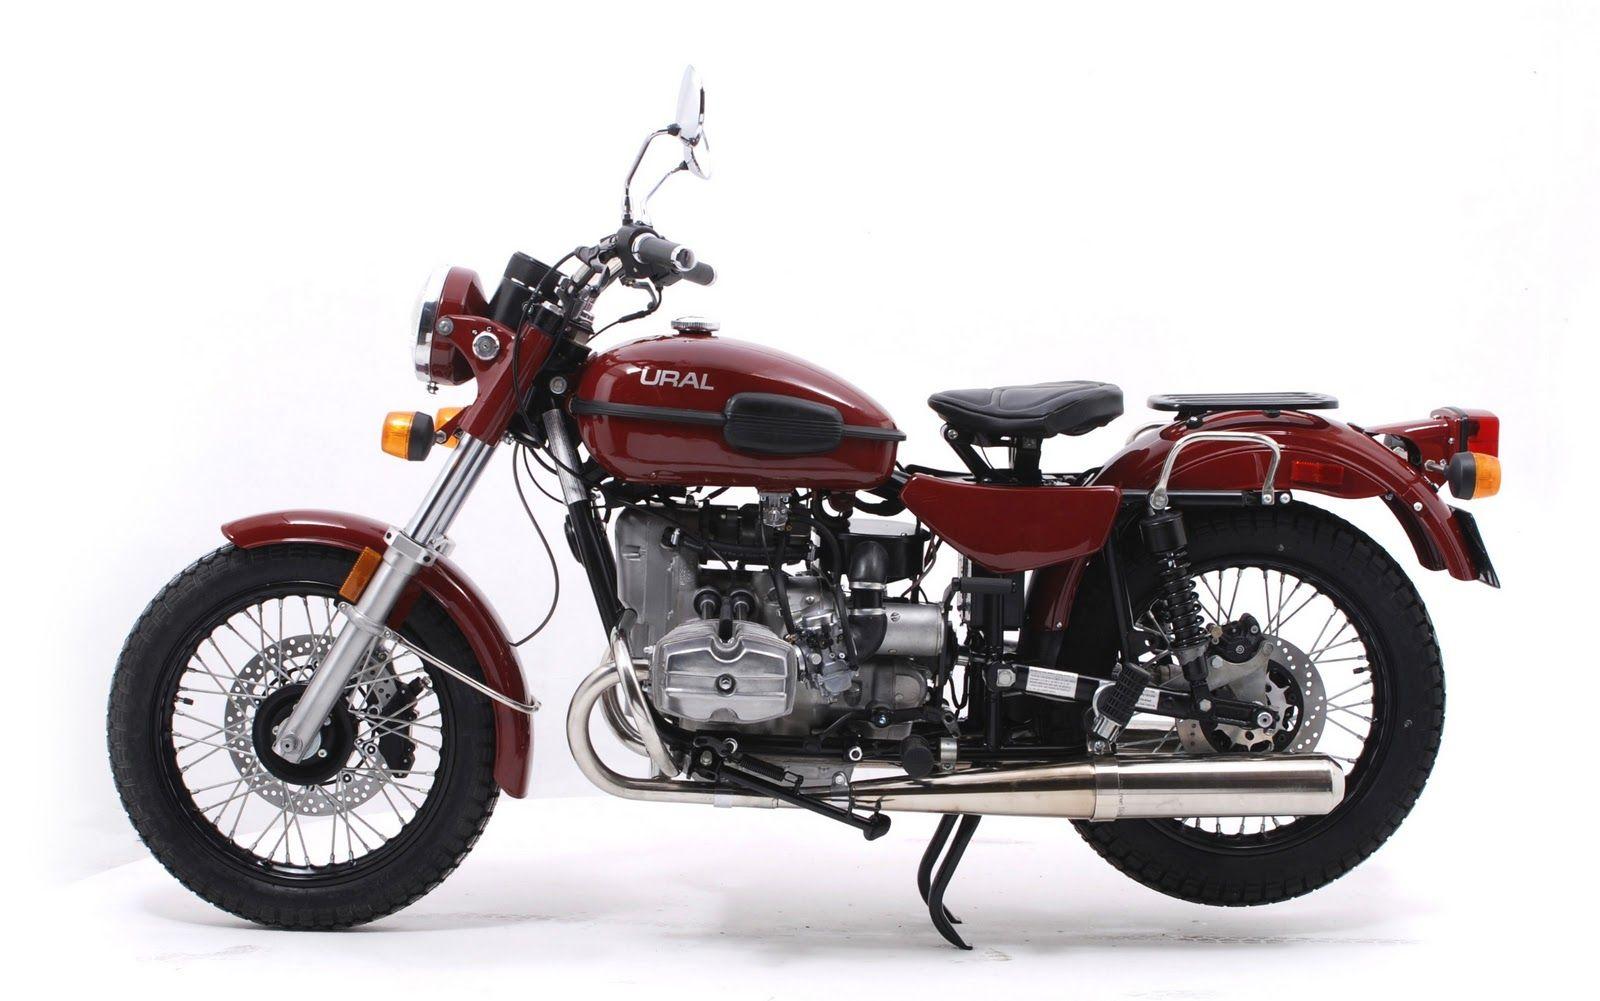 Картинки мотоцикла урал